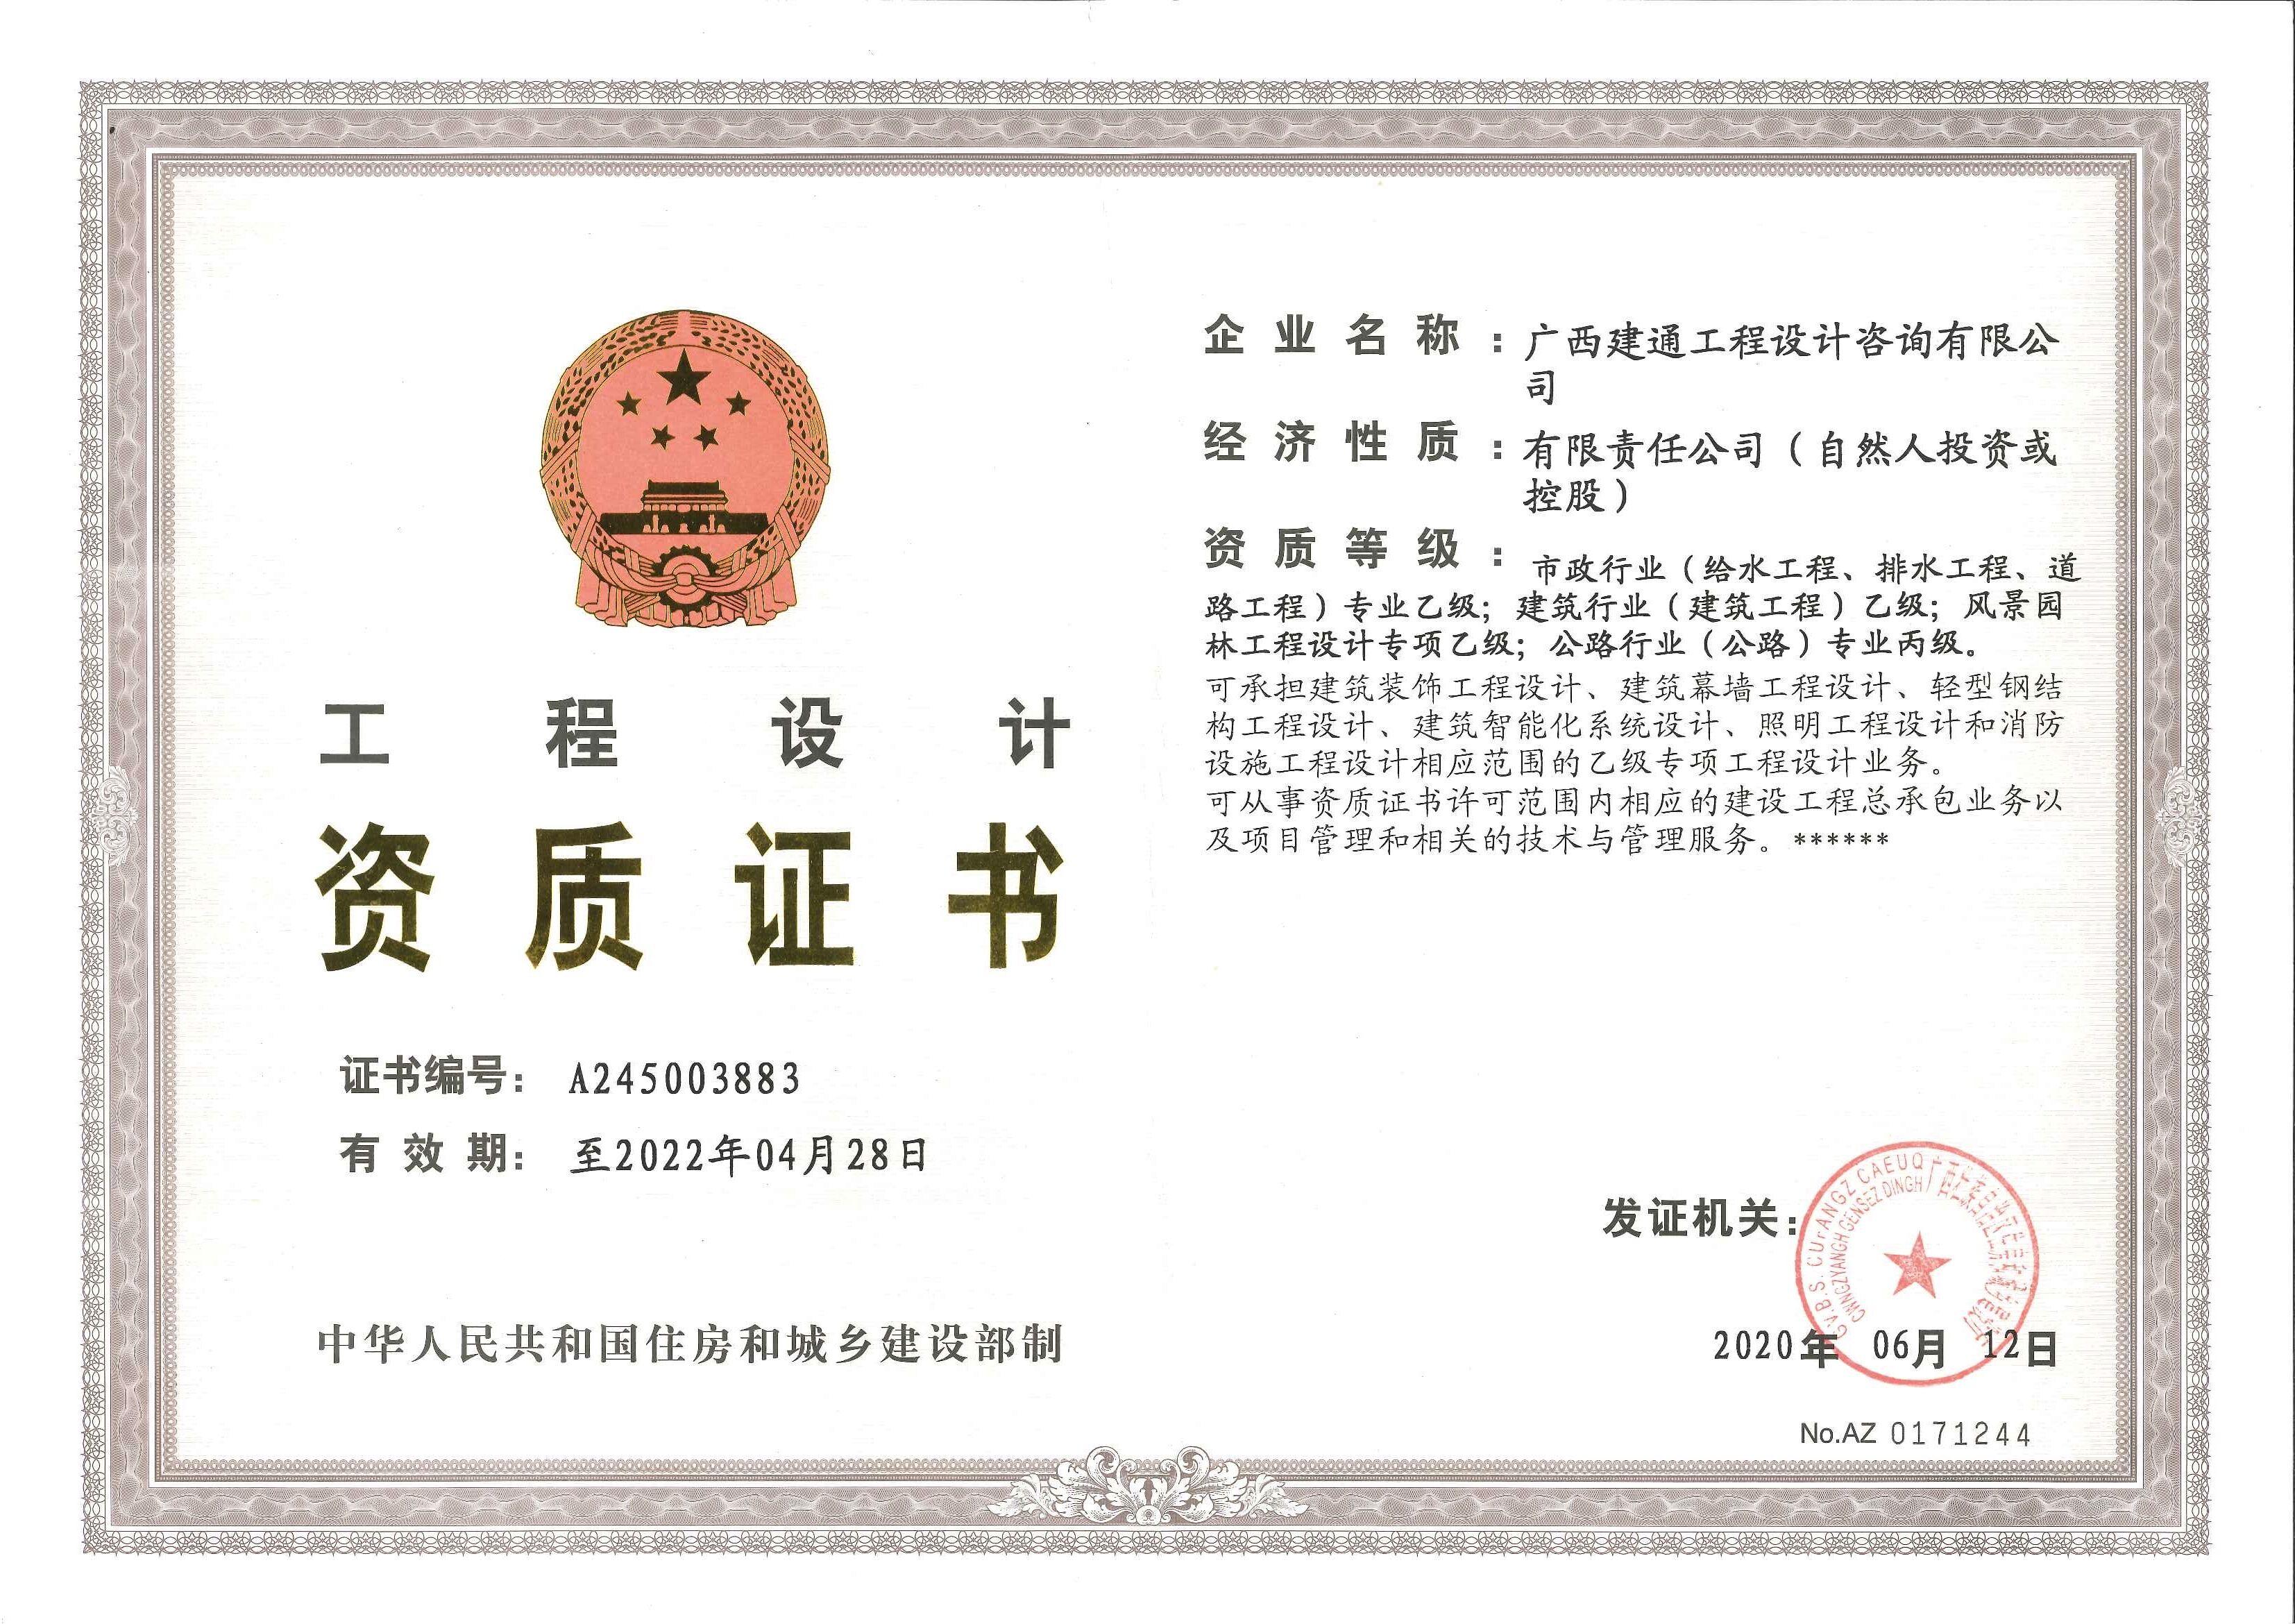 建信资质证书正本.jpg